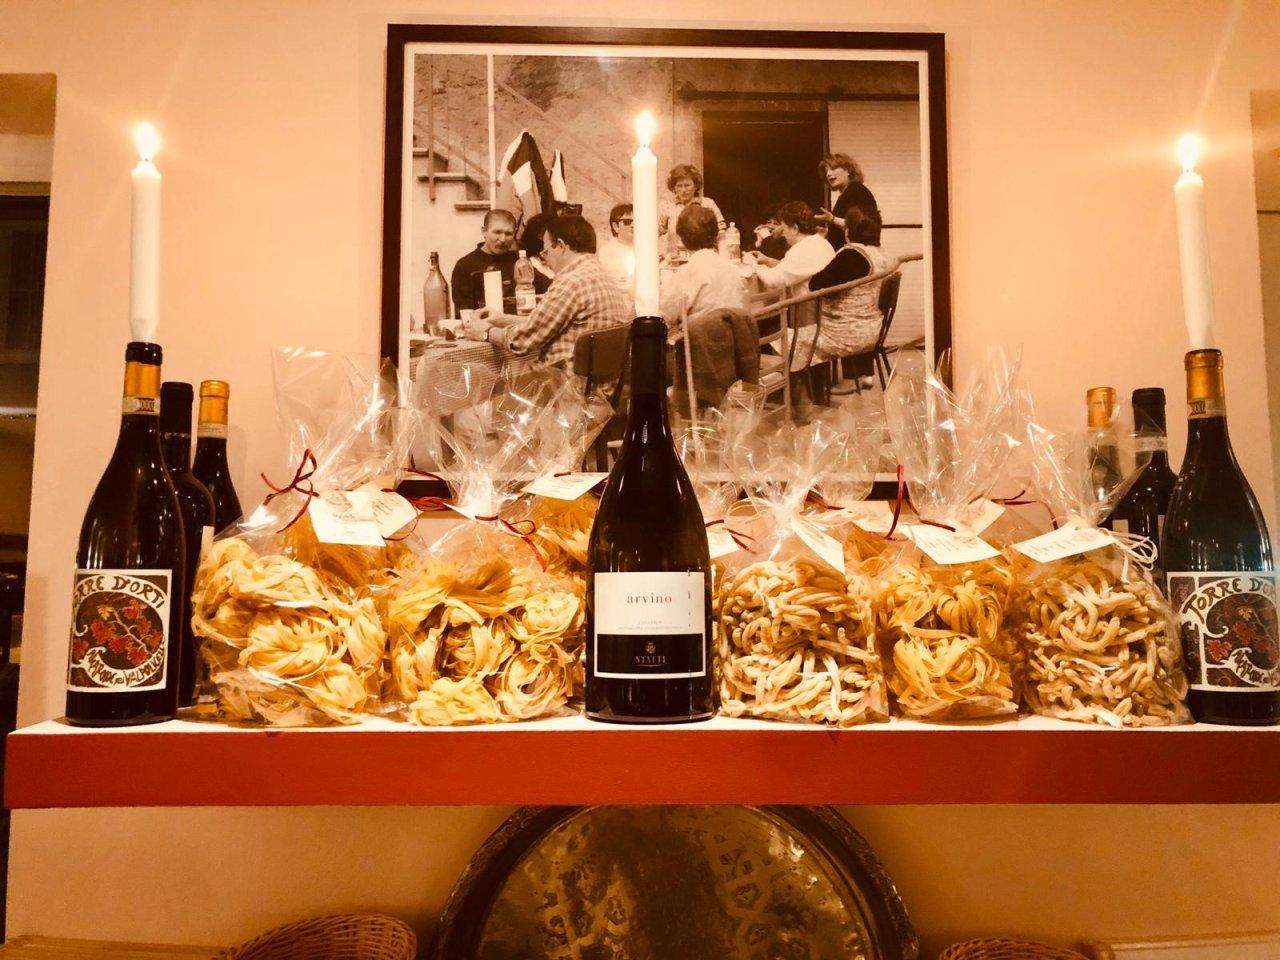 Die Weinkarte beschränkt sich bewusst auf Italien und bietet sowohl traditionsreiche Klassiker als auch auf Ausgefalleneres im Angebot.